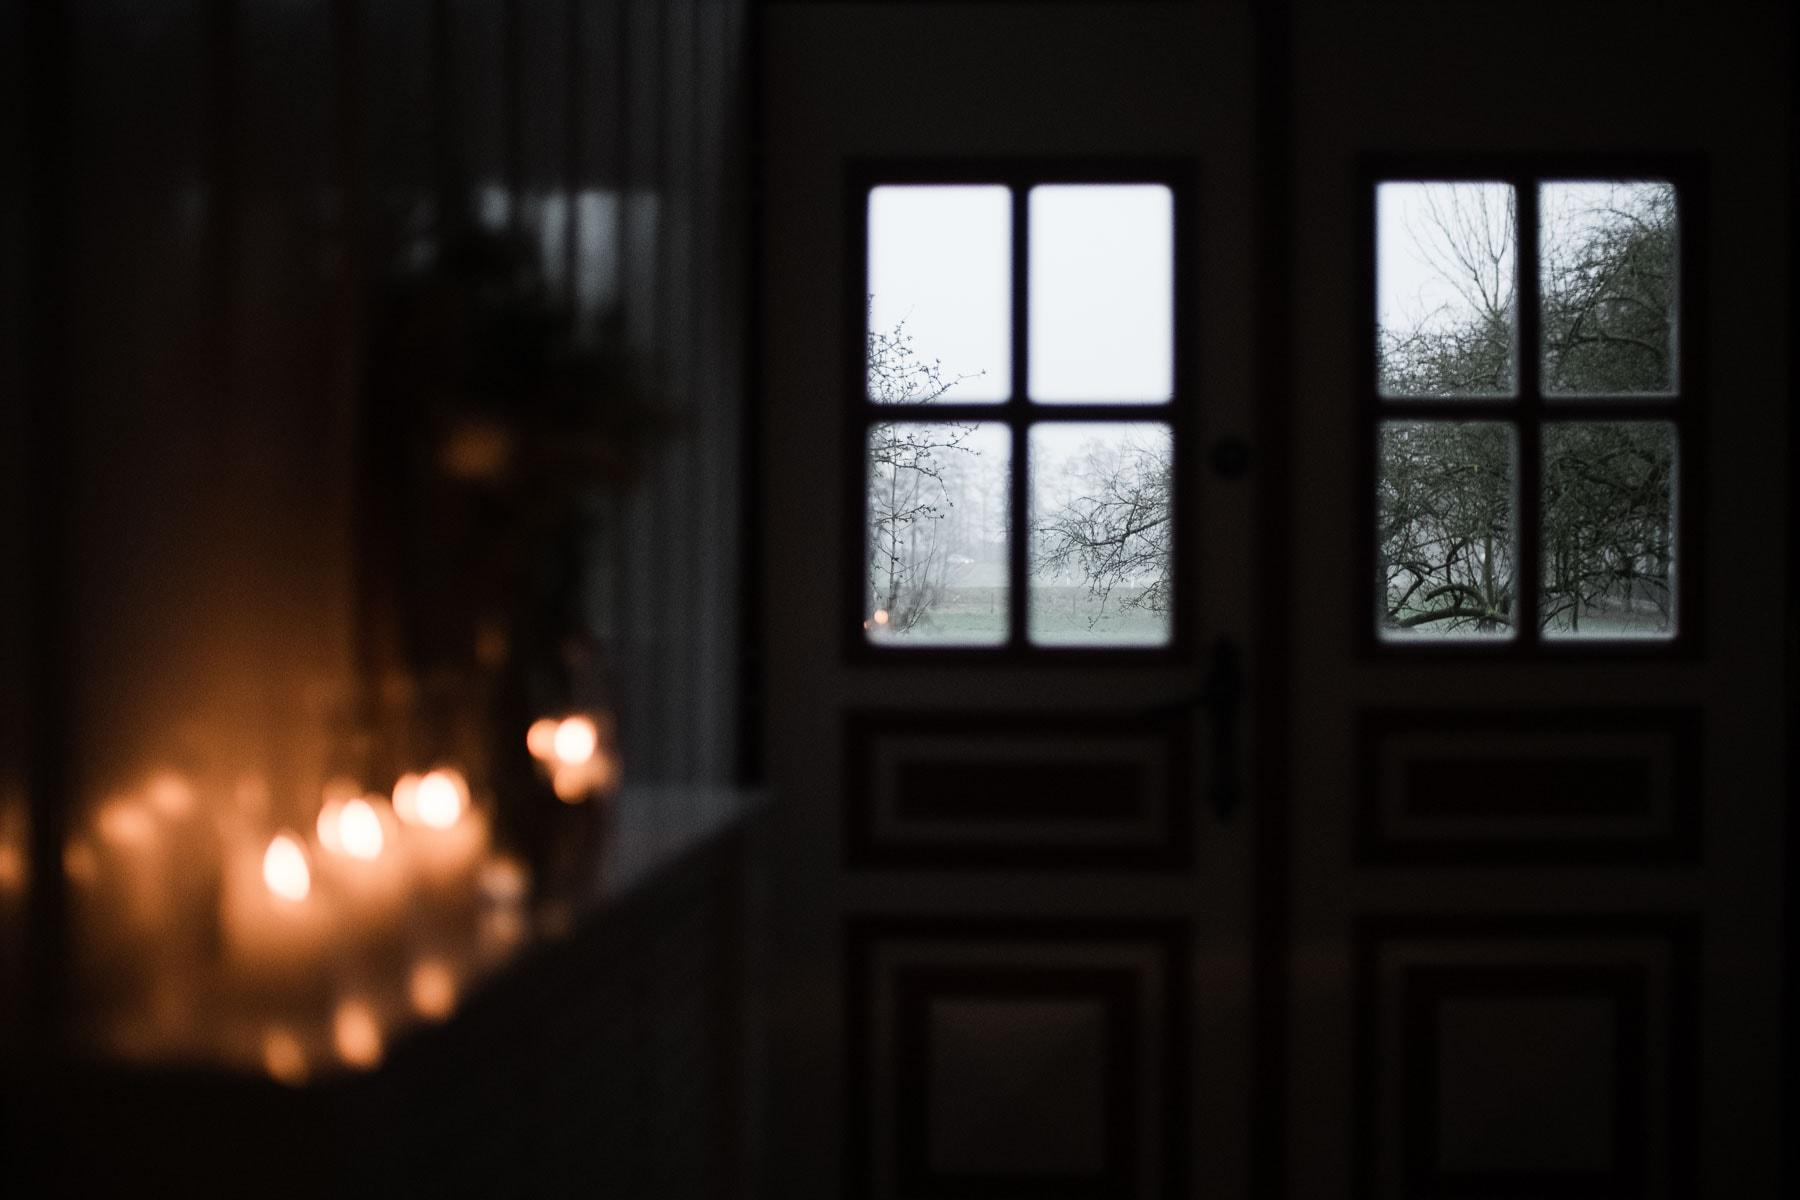 im Flur eines Landhauses hängt ein Regal an der Wand, auf dem Kerzen stehen, im HIntergrund ist eine Tür mit Sprossenfenstern